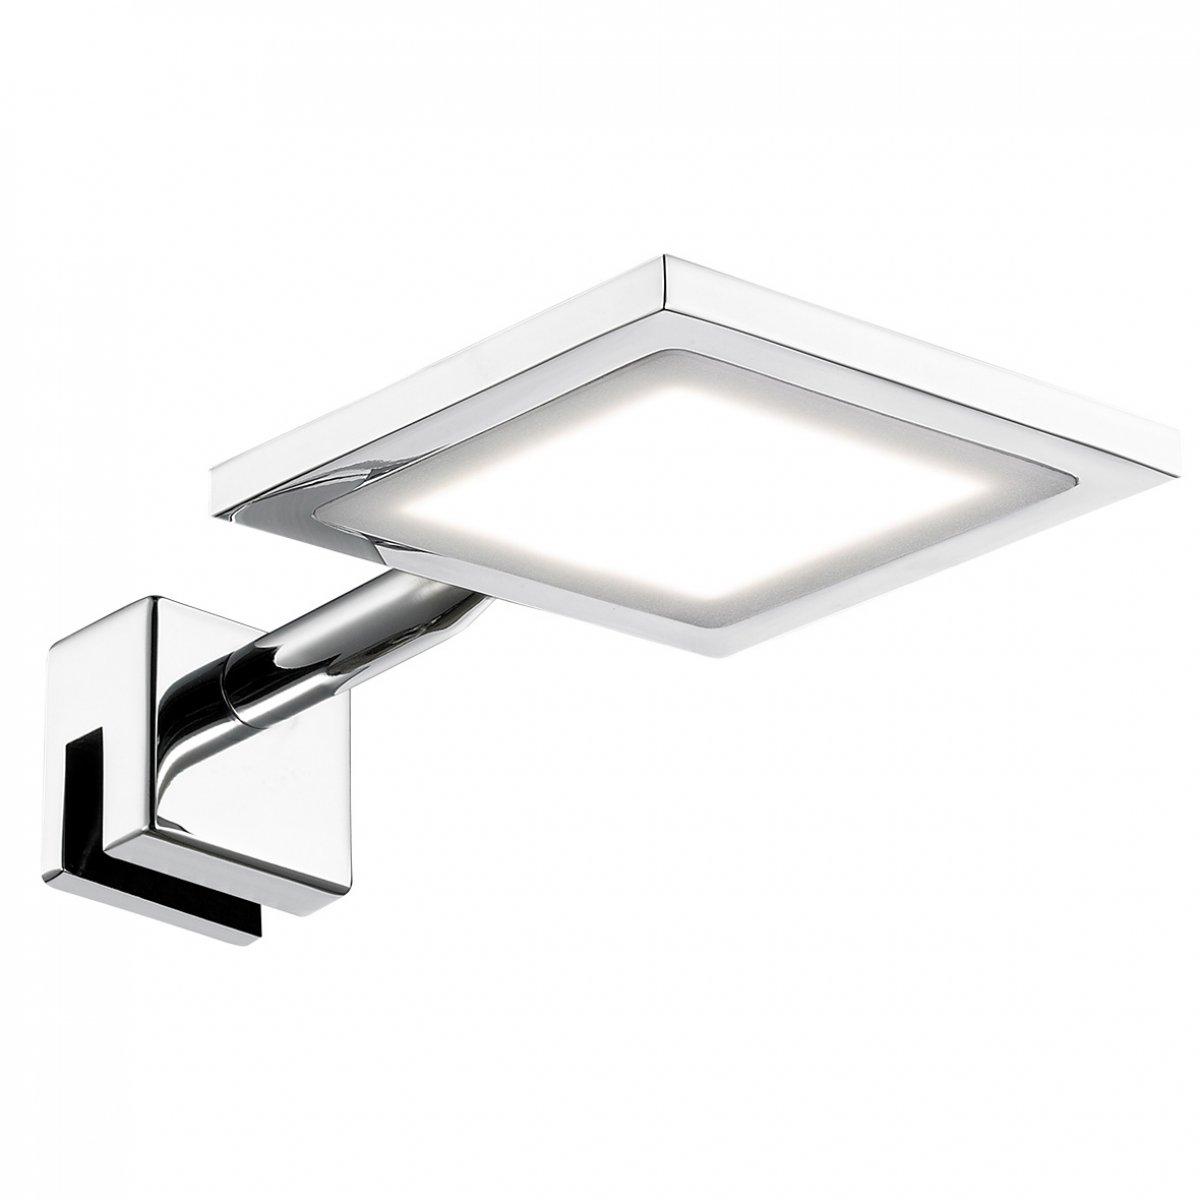 WOFI Leuchten LED Spiegelleuchte SPA LINE PAX Chrom, 1-flammig IP44 ...